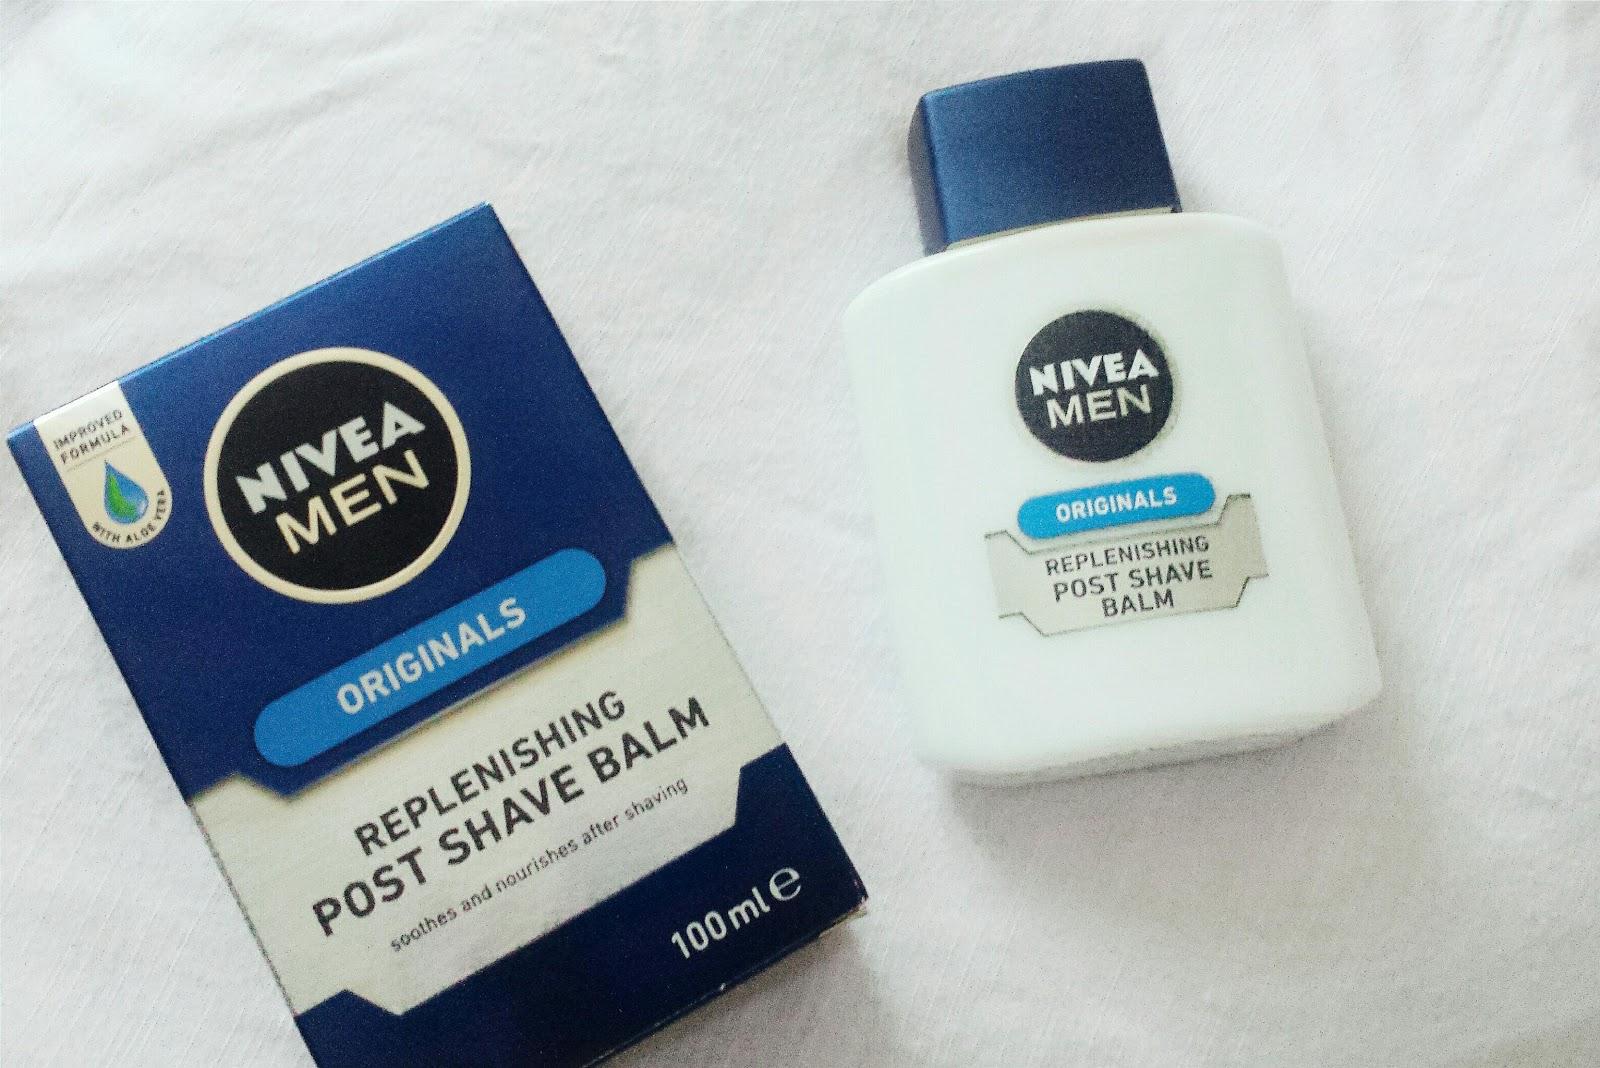 Nivea after shave balsam primer